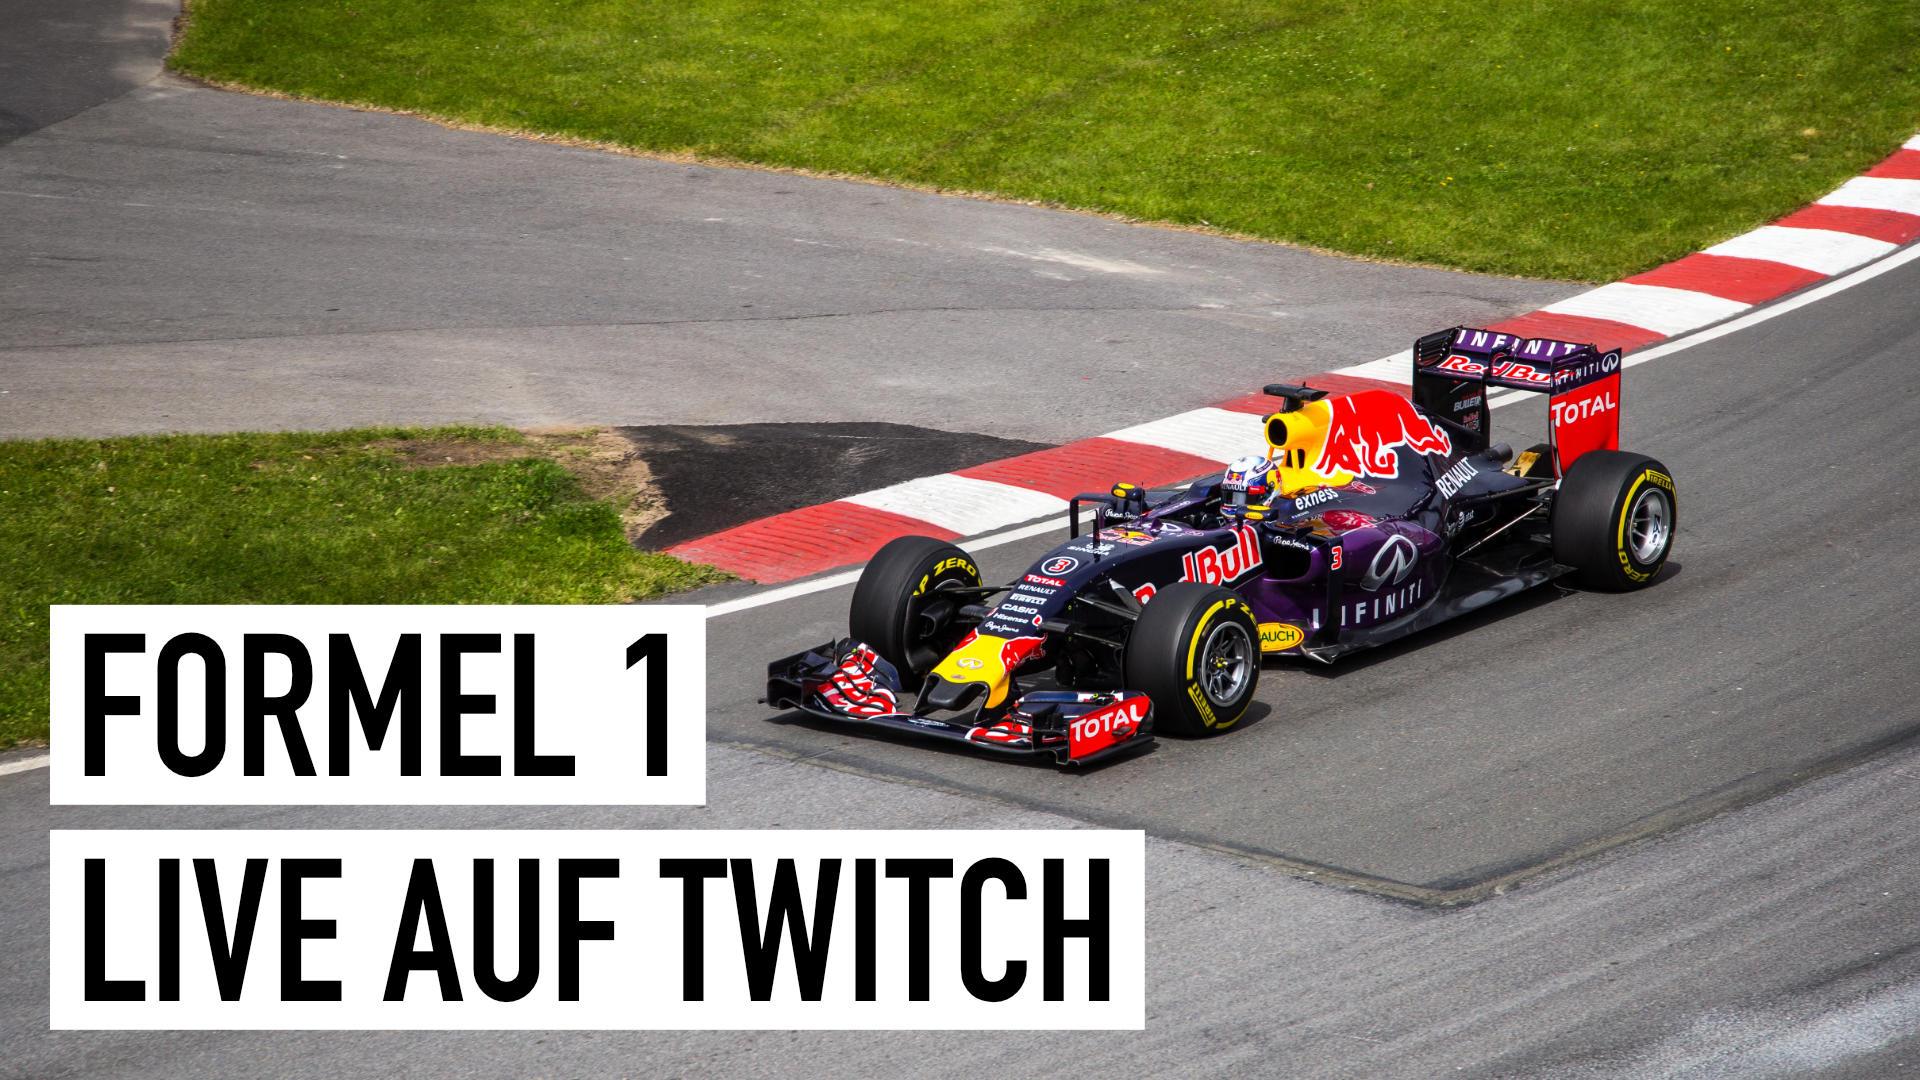 Formel 1: Erstmals live auf Twitch (GP von Mexiko)